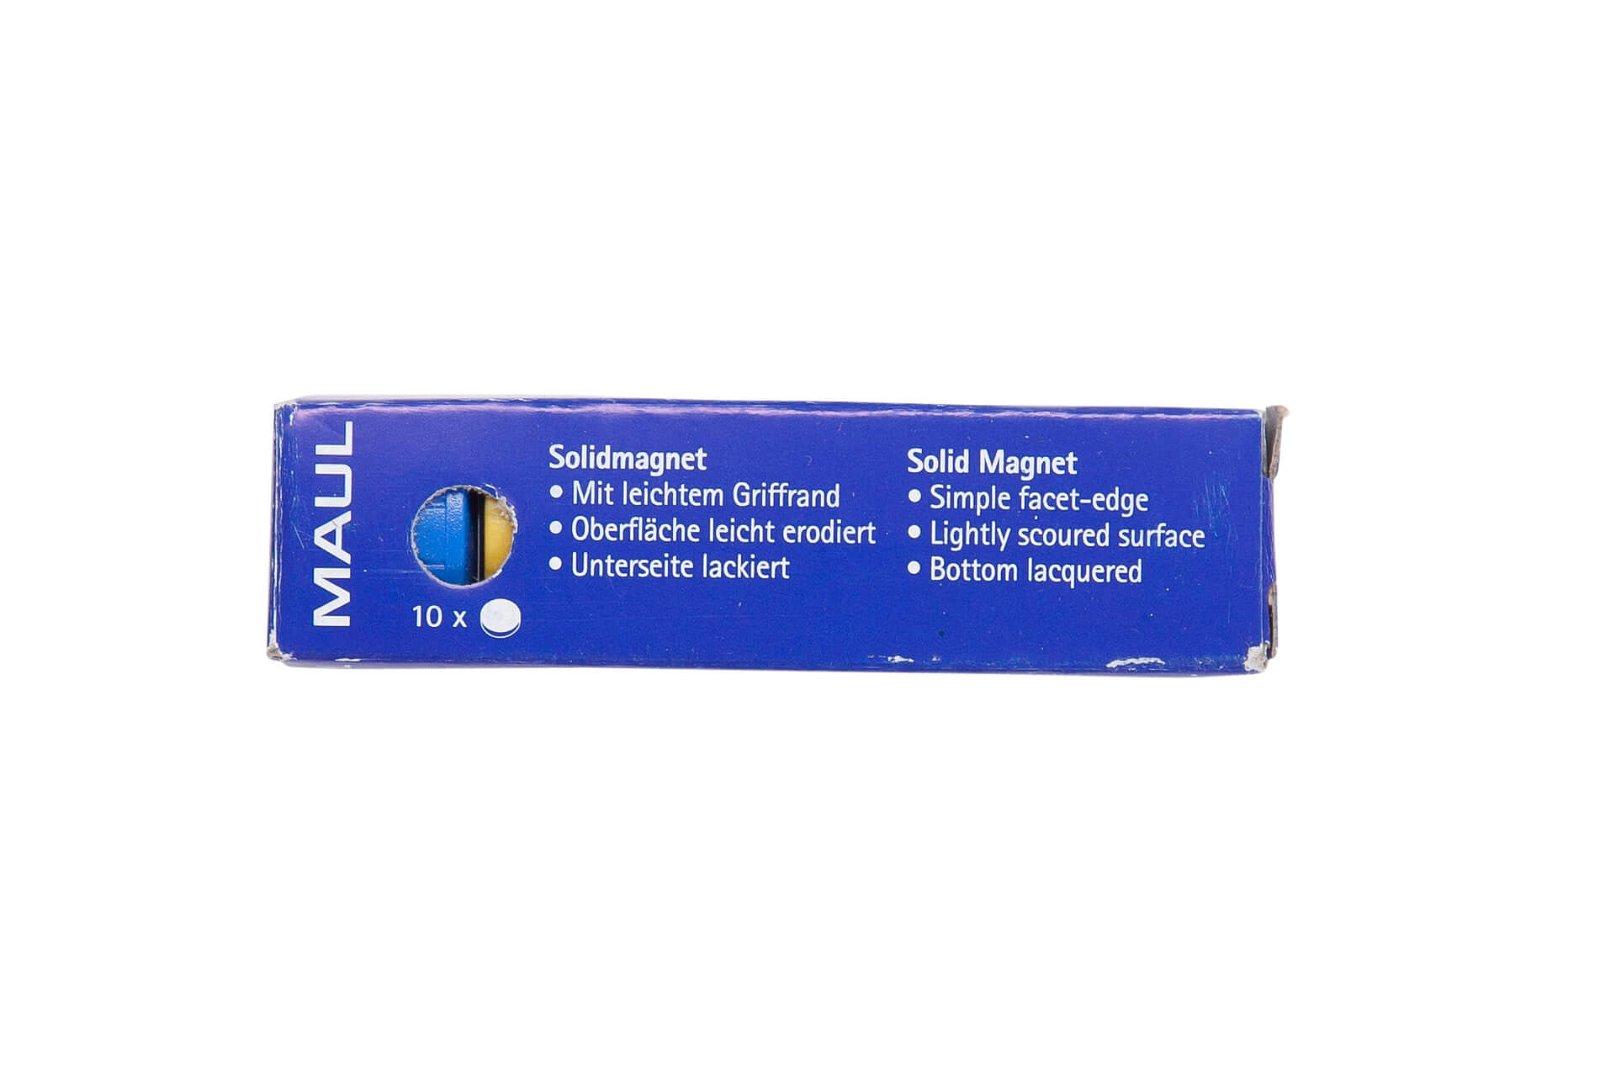 Magnet MAULsolid Ø 20 mm, 0,3 kg Haftkraft, 10 St./Ktn., farbig sortiert